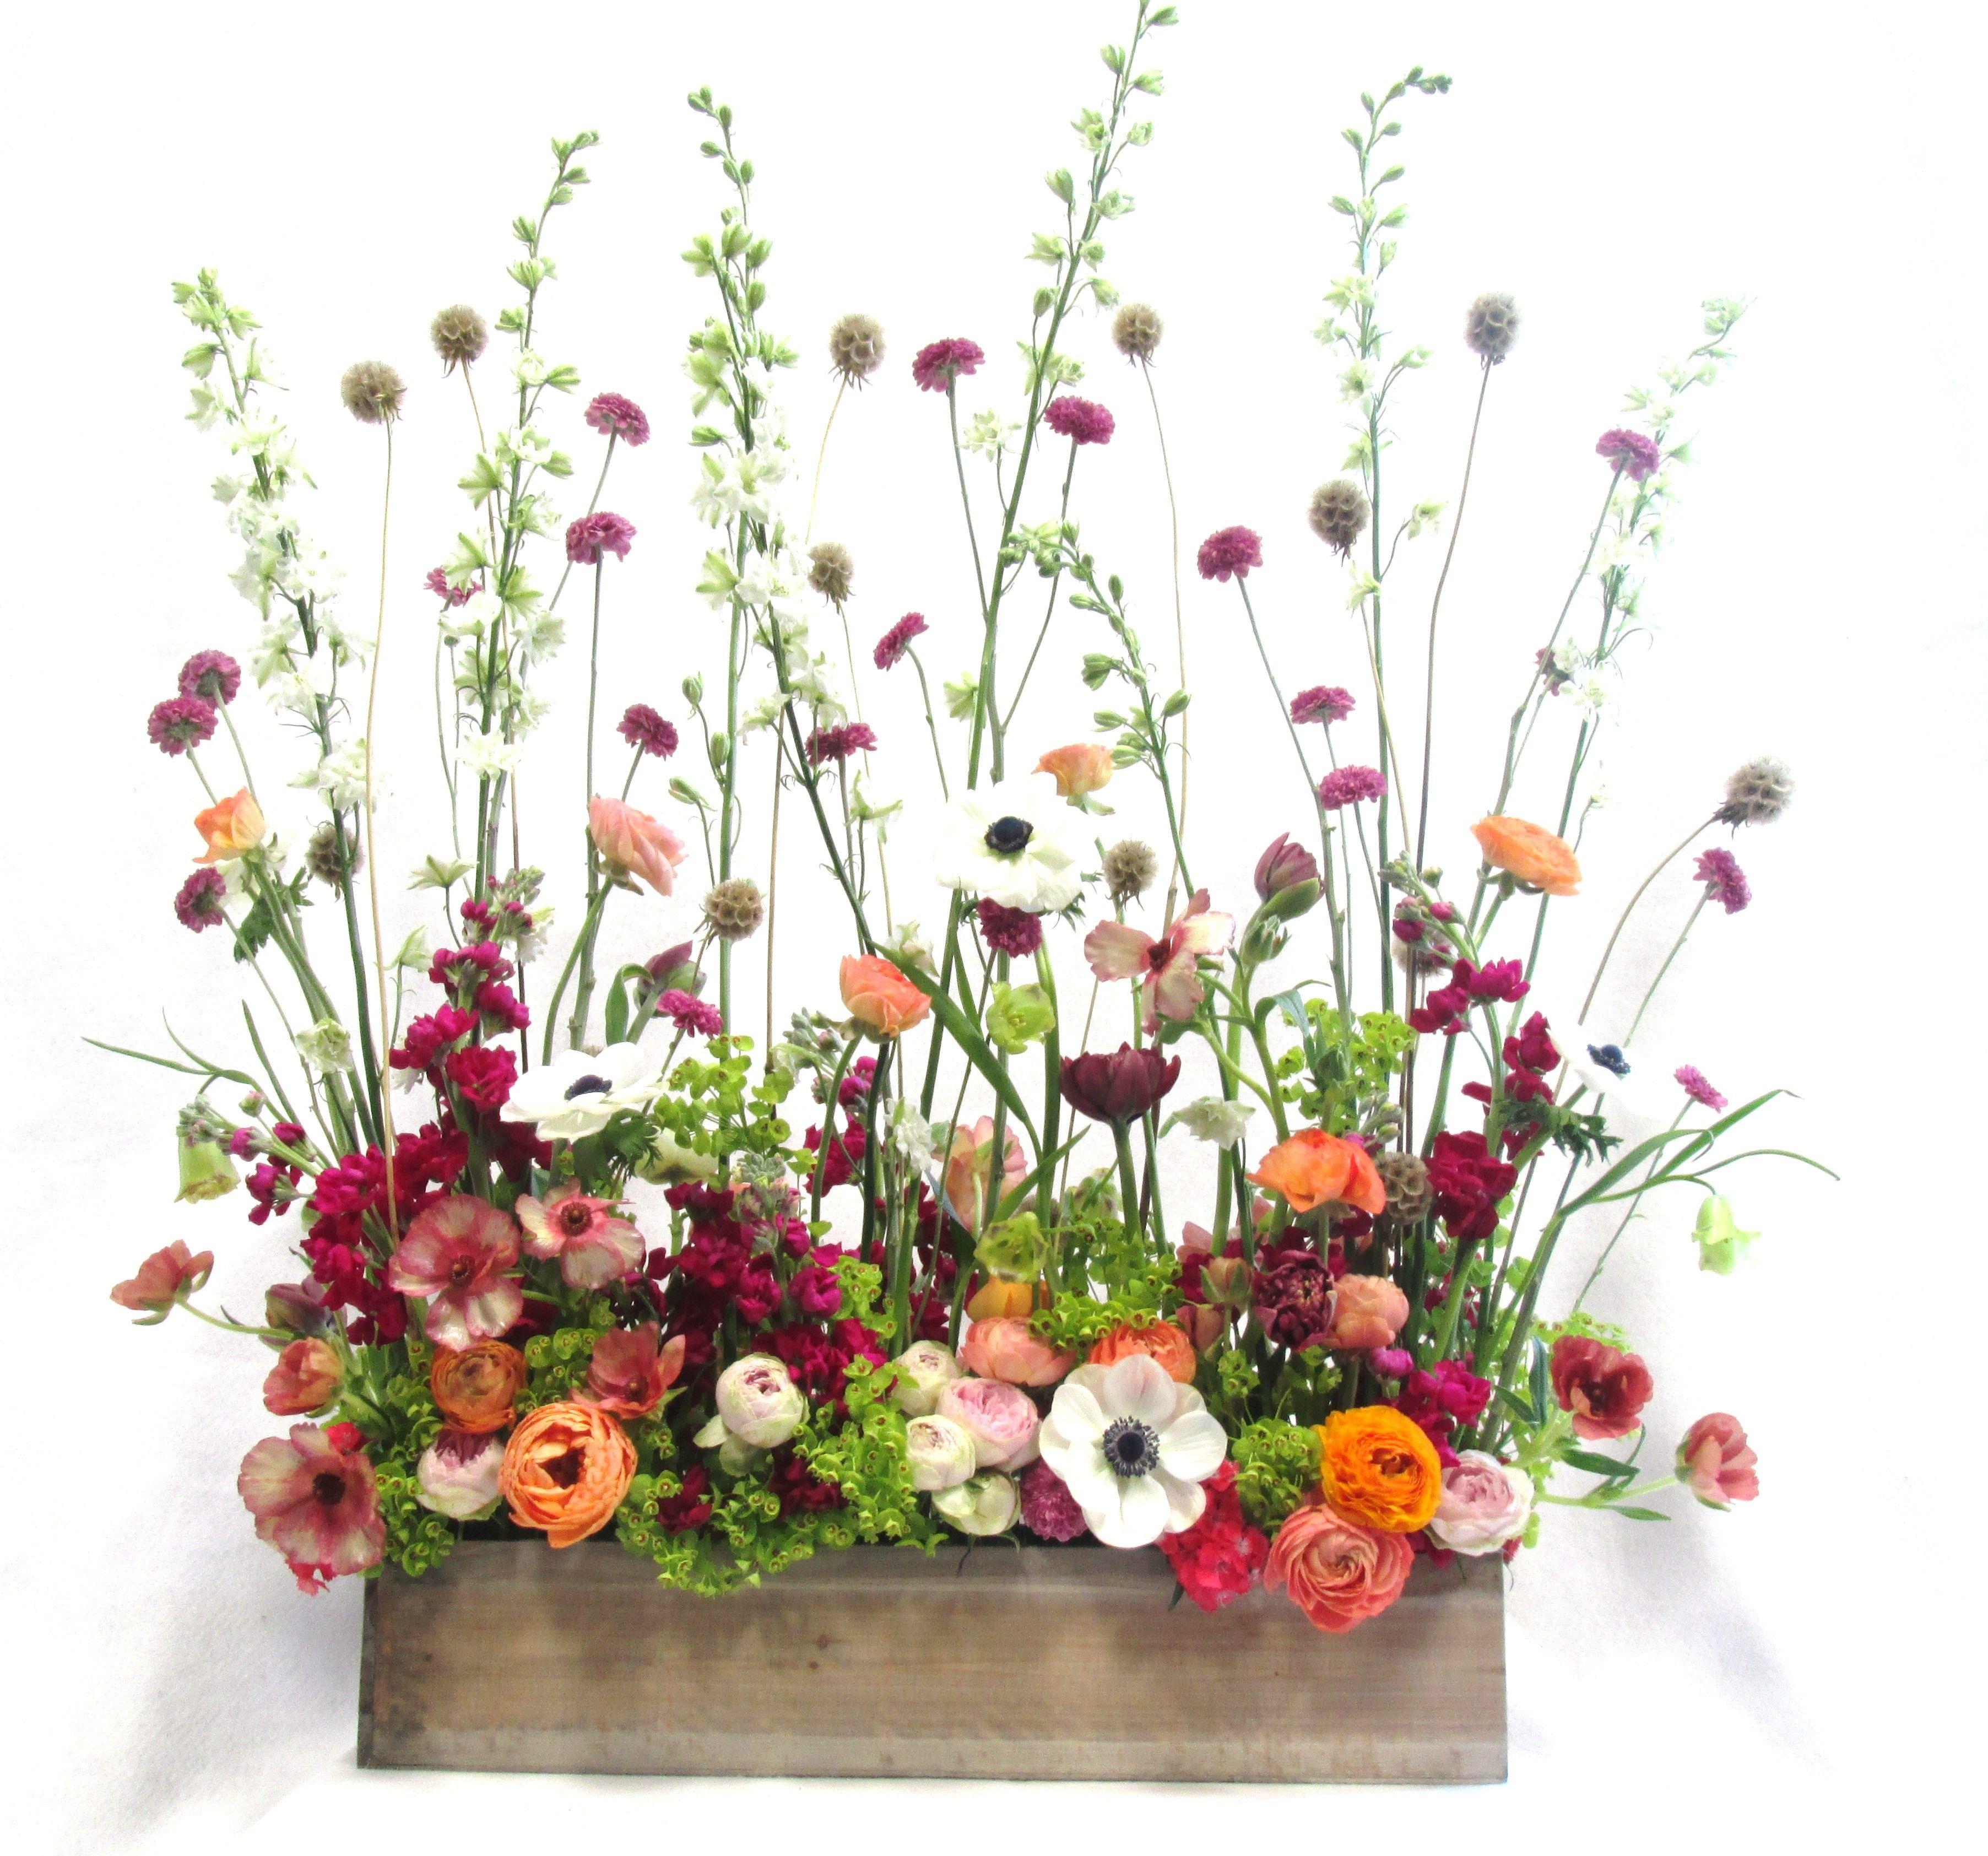 Mother's Day Garden Screen Church flower arrangements